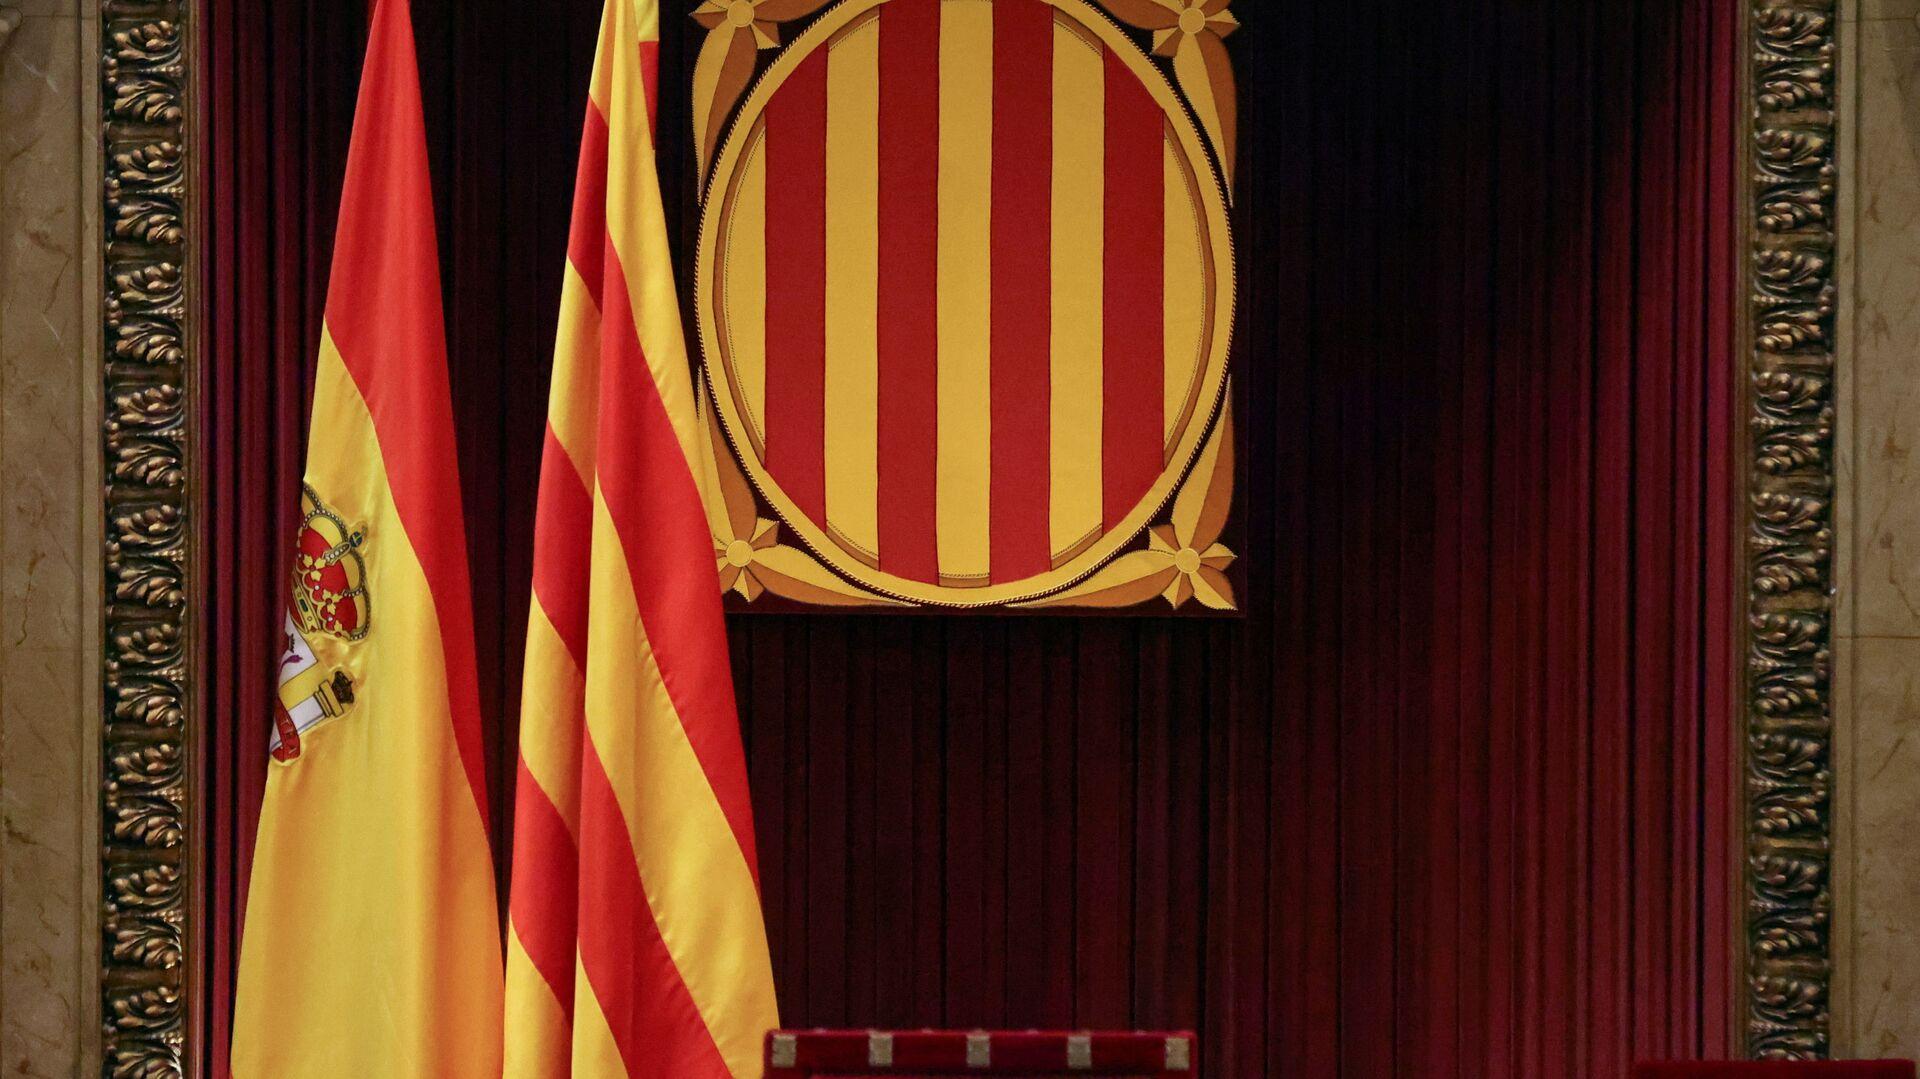 Banderas de España y Cataluña en el Parlamento catalán - Sputnik Mundo, 1920, 02.08.2021